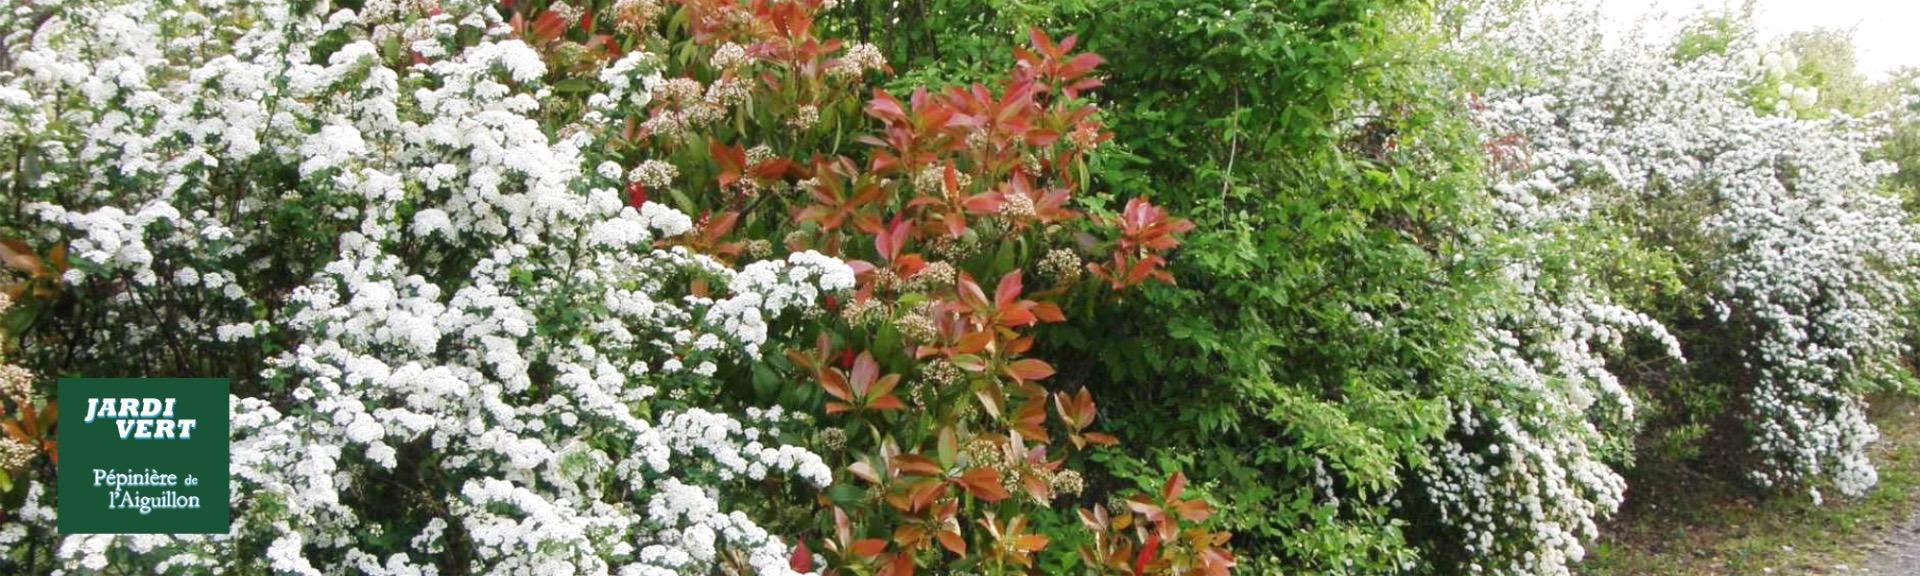 Arbuste Fleuri Feuillage Persistant grand choix d'arbustes de haie - pépinière de l'aiguillon à